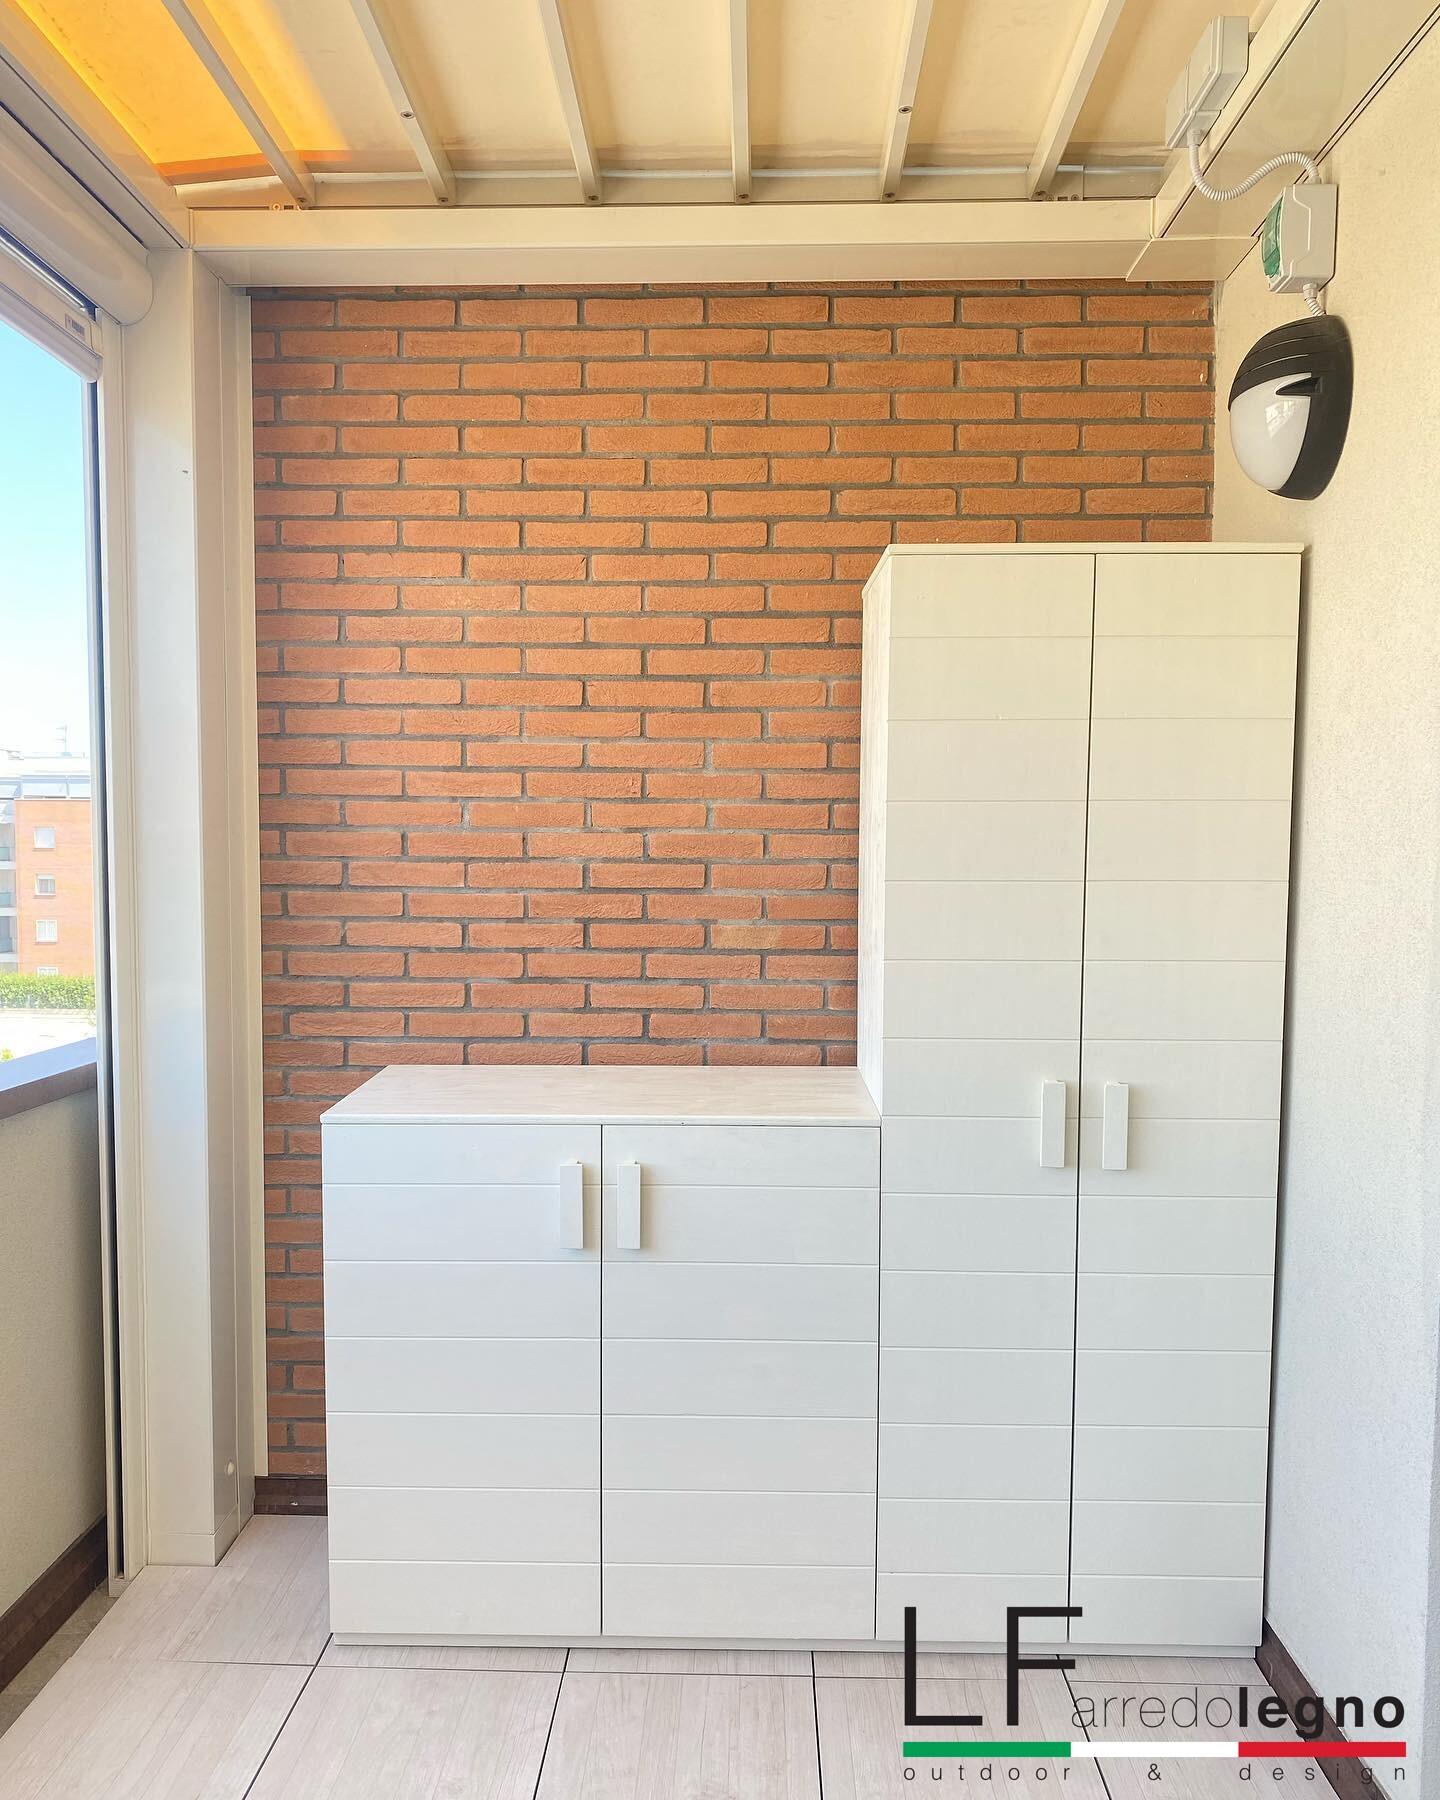 Mobile da esterno su misura con scomparti interni e chiusure a battente colore bianco